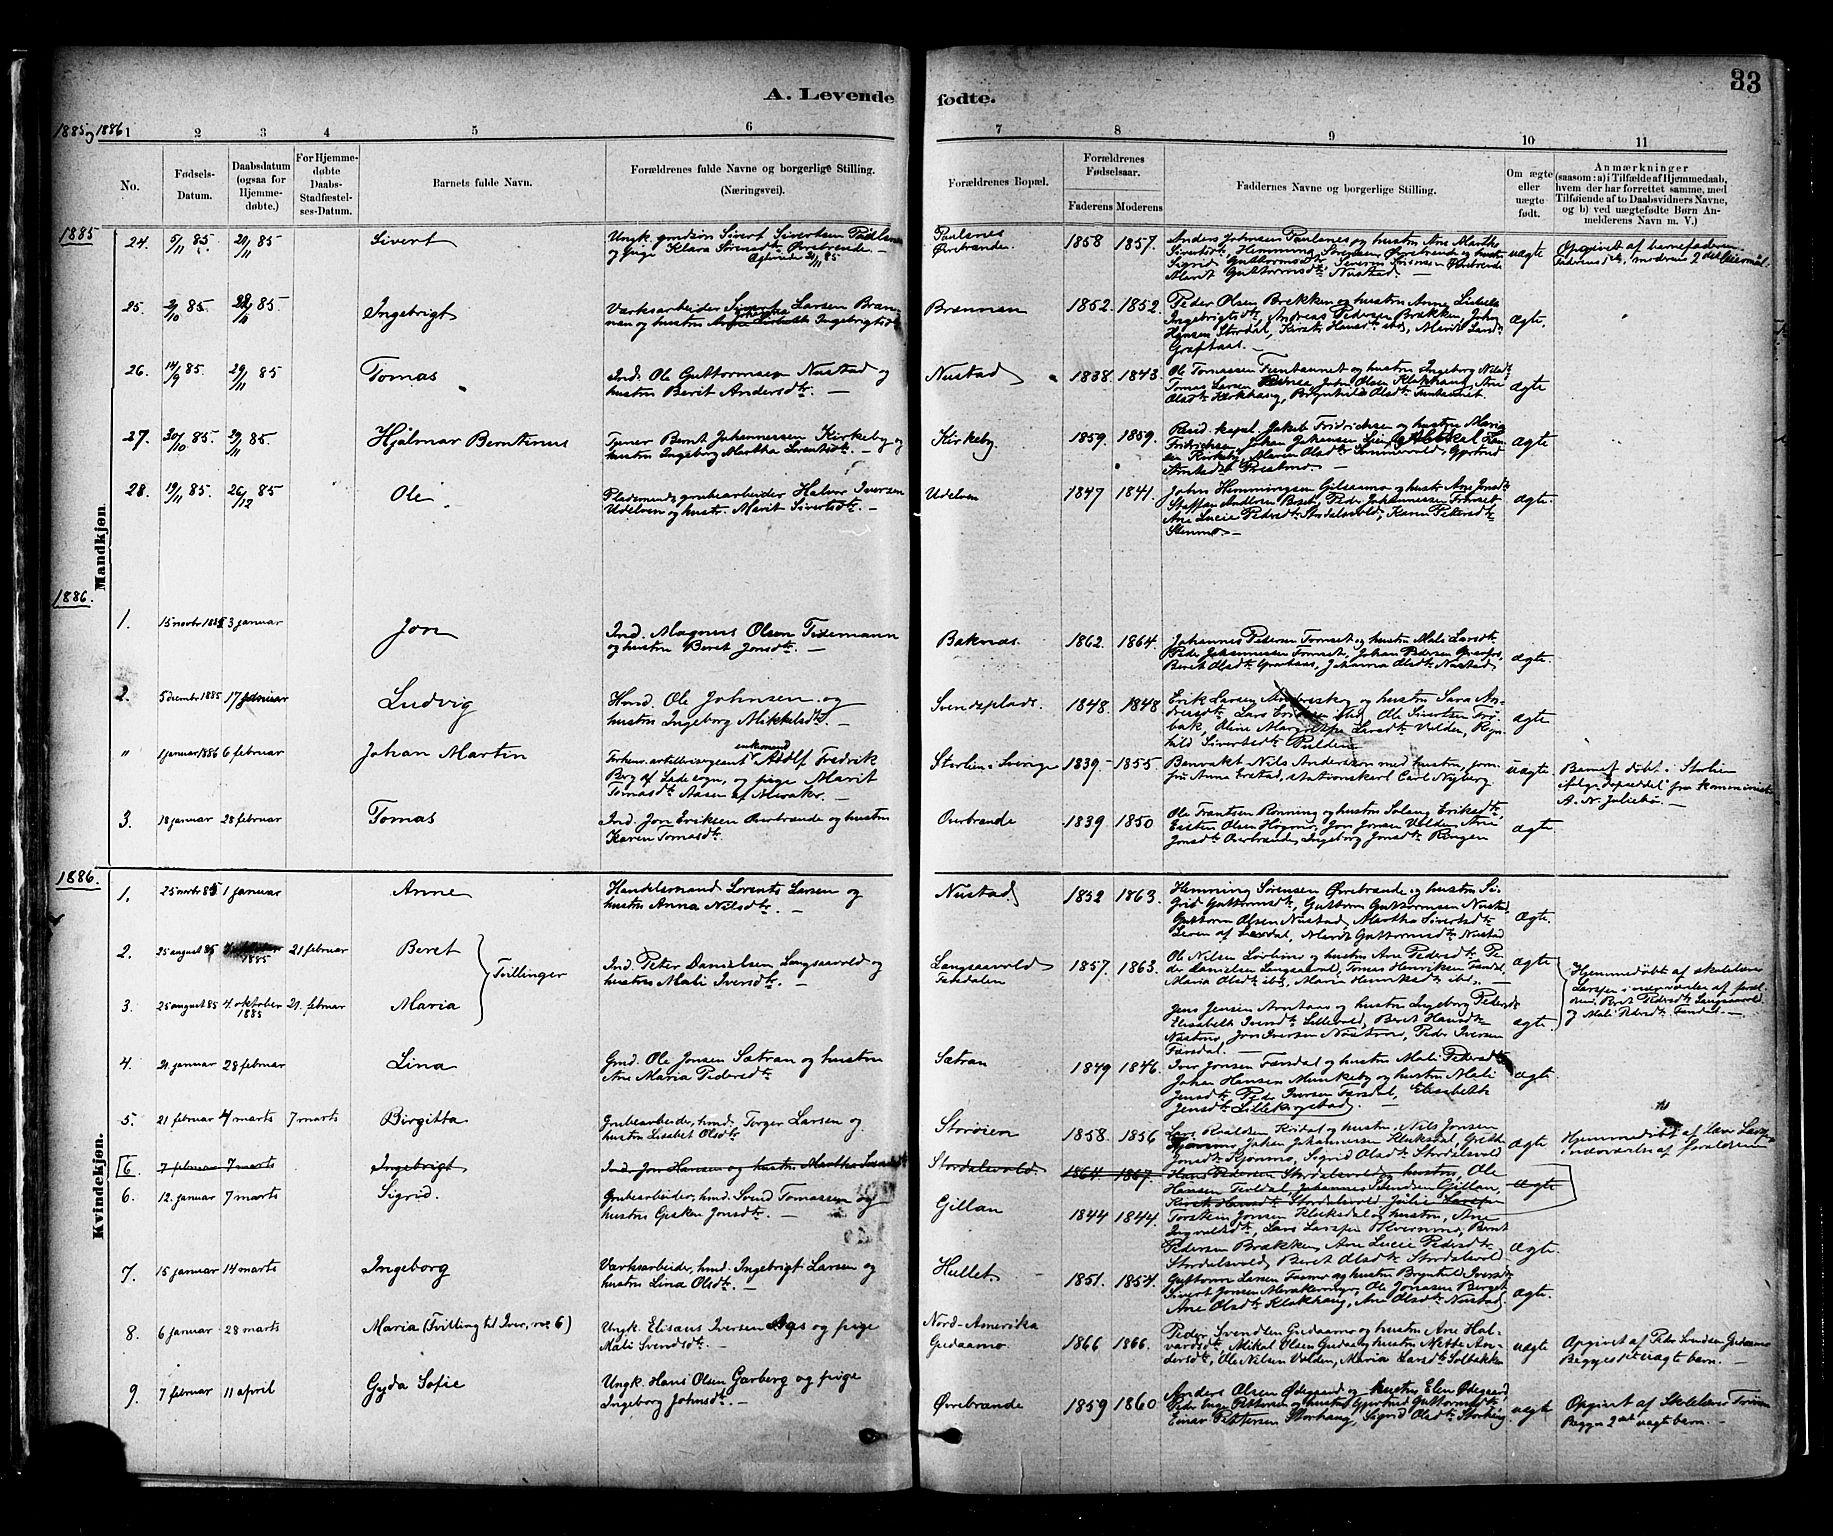 SAT, Ministerialprotokoller, klokkerbøker og fødselsregistre - Nord-Trøndelag, 706/L0047: Parish register (official) no. 706A03, 1878-1892, p. 33